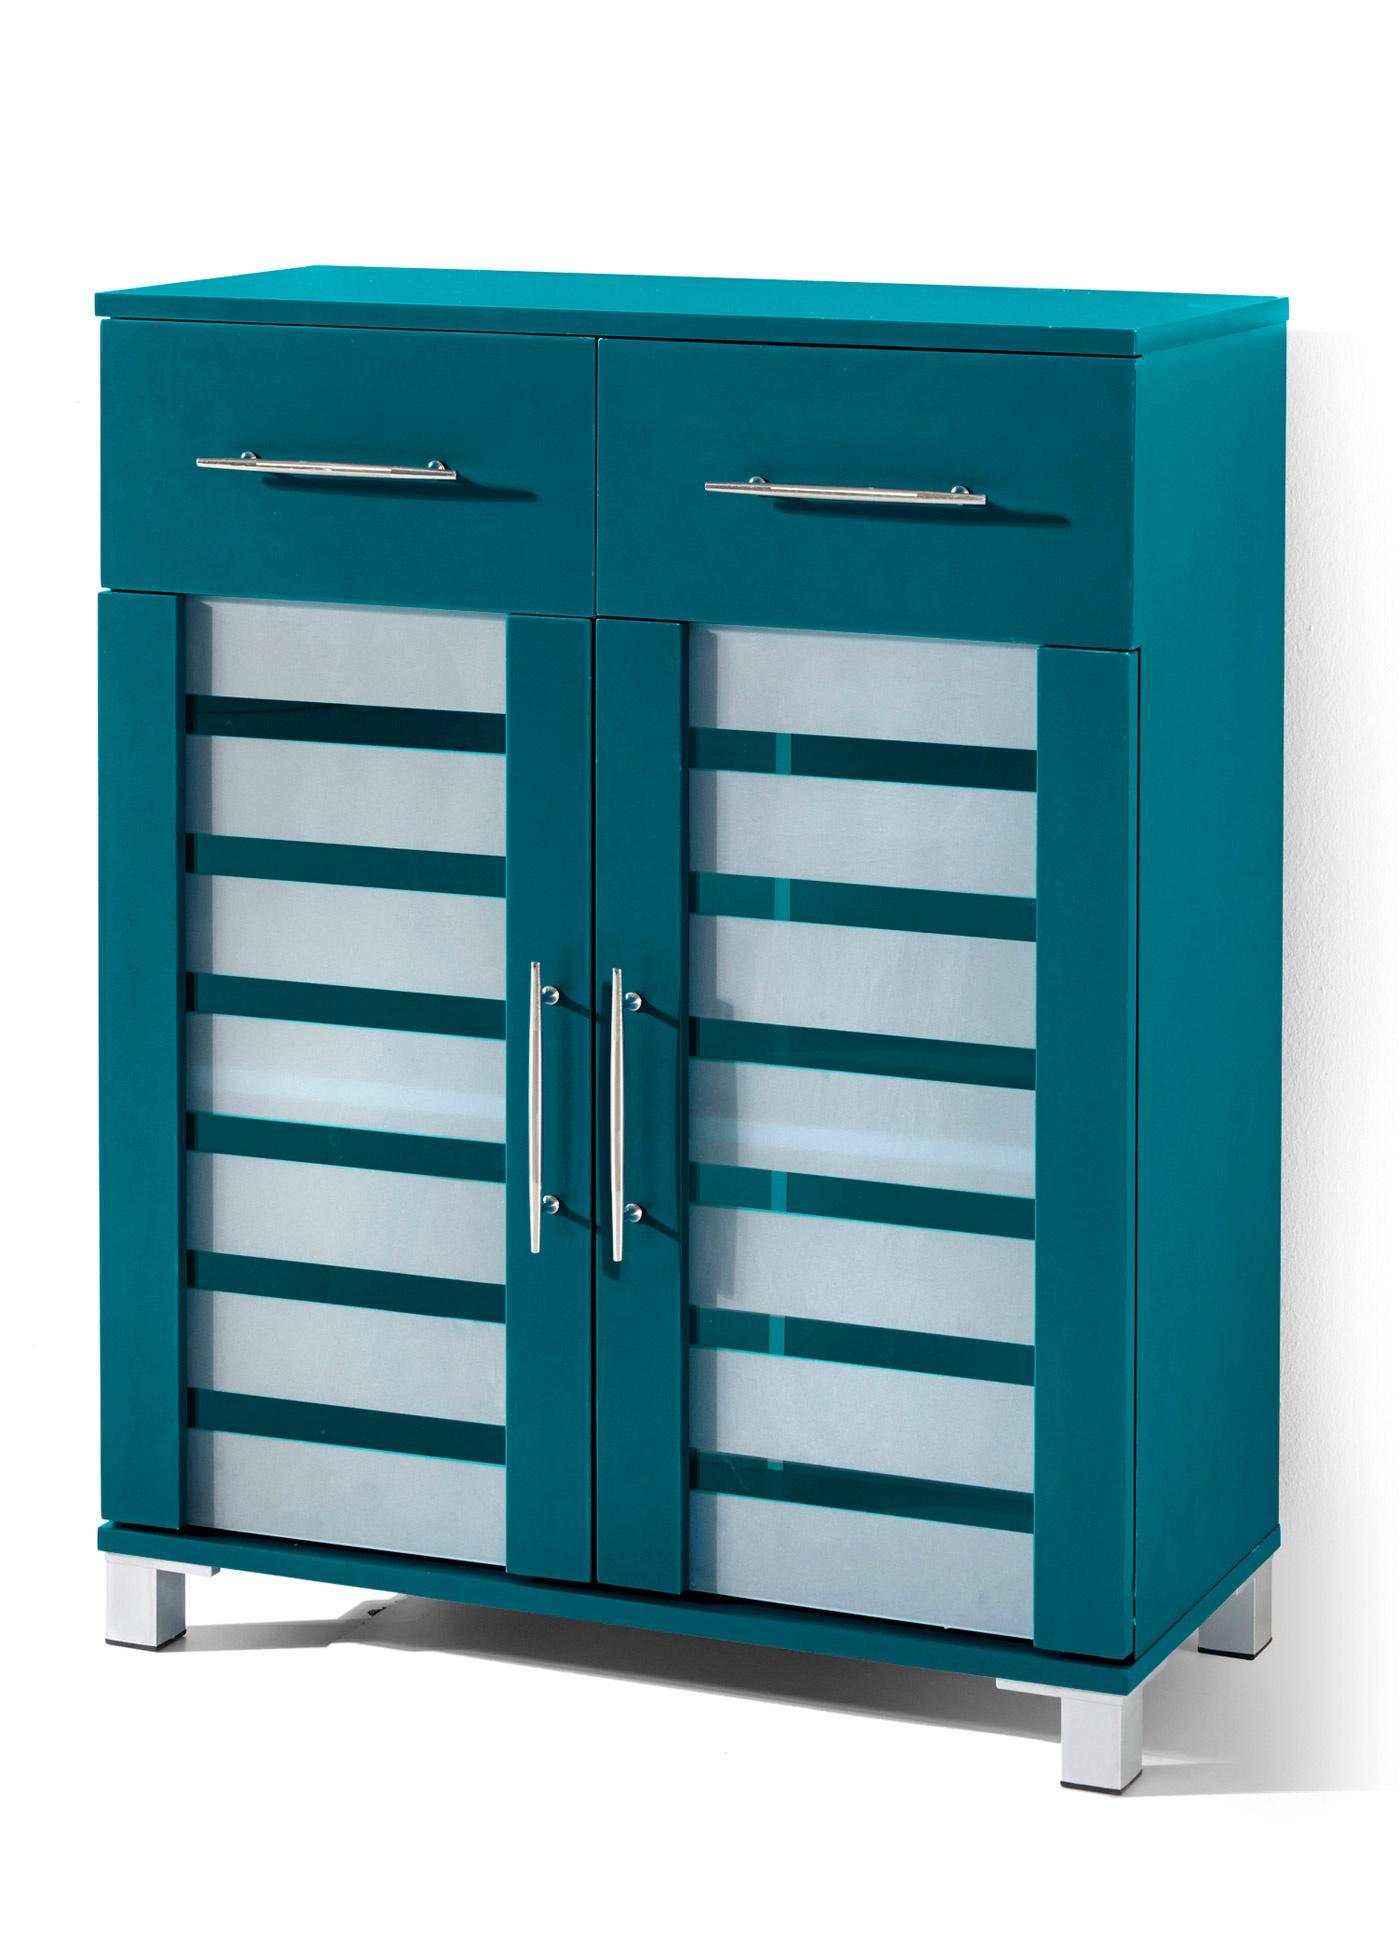 Armoire moderne avec façades vitrées en verre semi-dépoli. Avec 2 portes ouvrant chacune sur une tablette, et 2 tiroirs. Différents coloris au choix. Livraison avec une notice de montage.